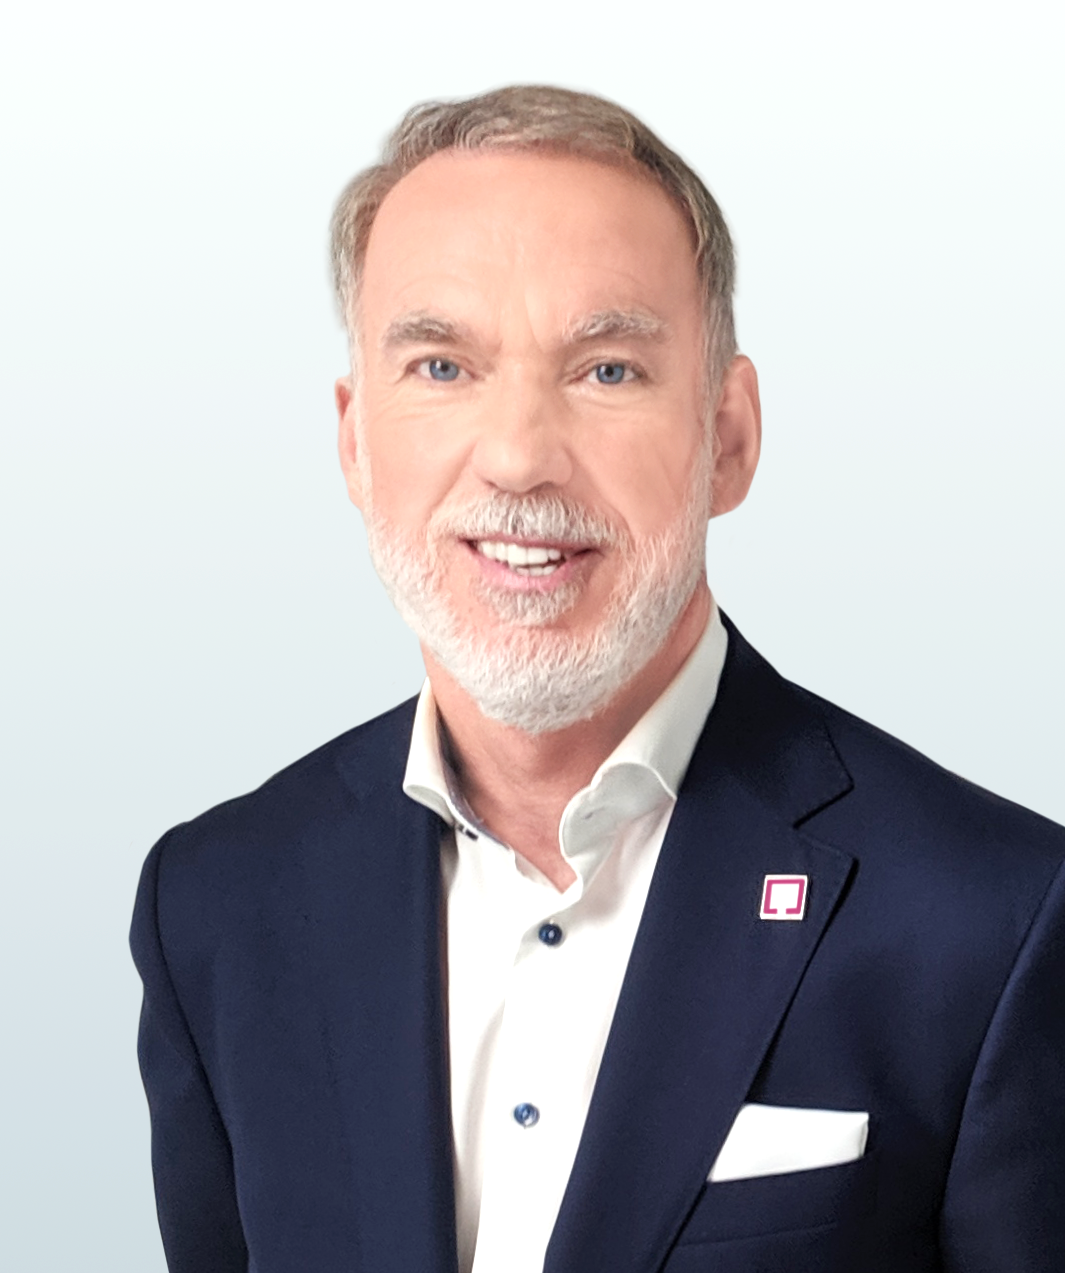 Gavin Marshall, Magenta Capital Corporation (Canada)